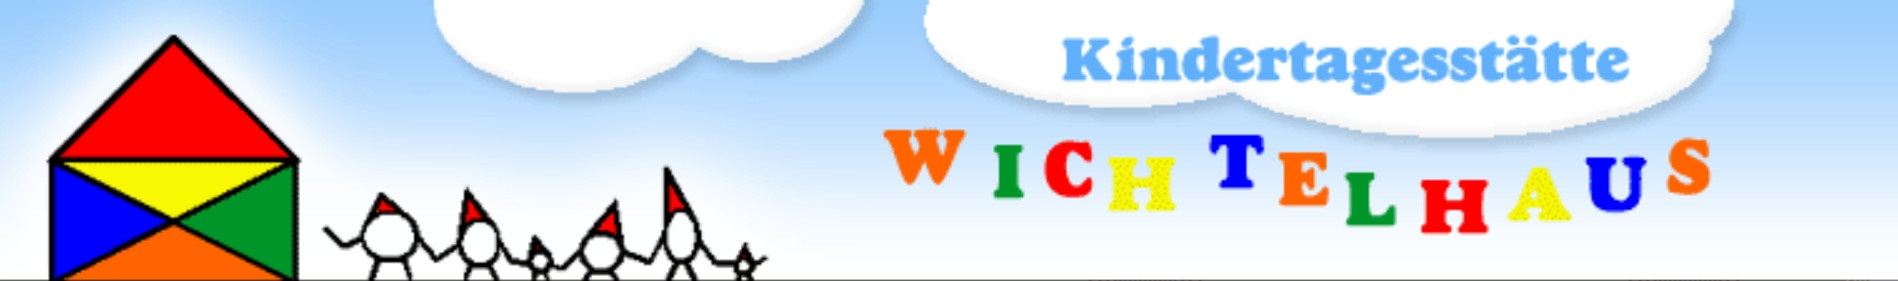 Wichtelhaus Logo